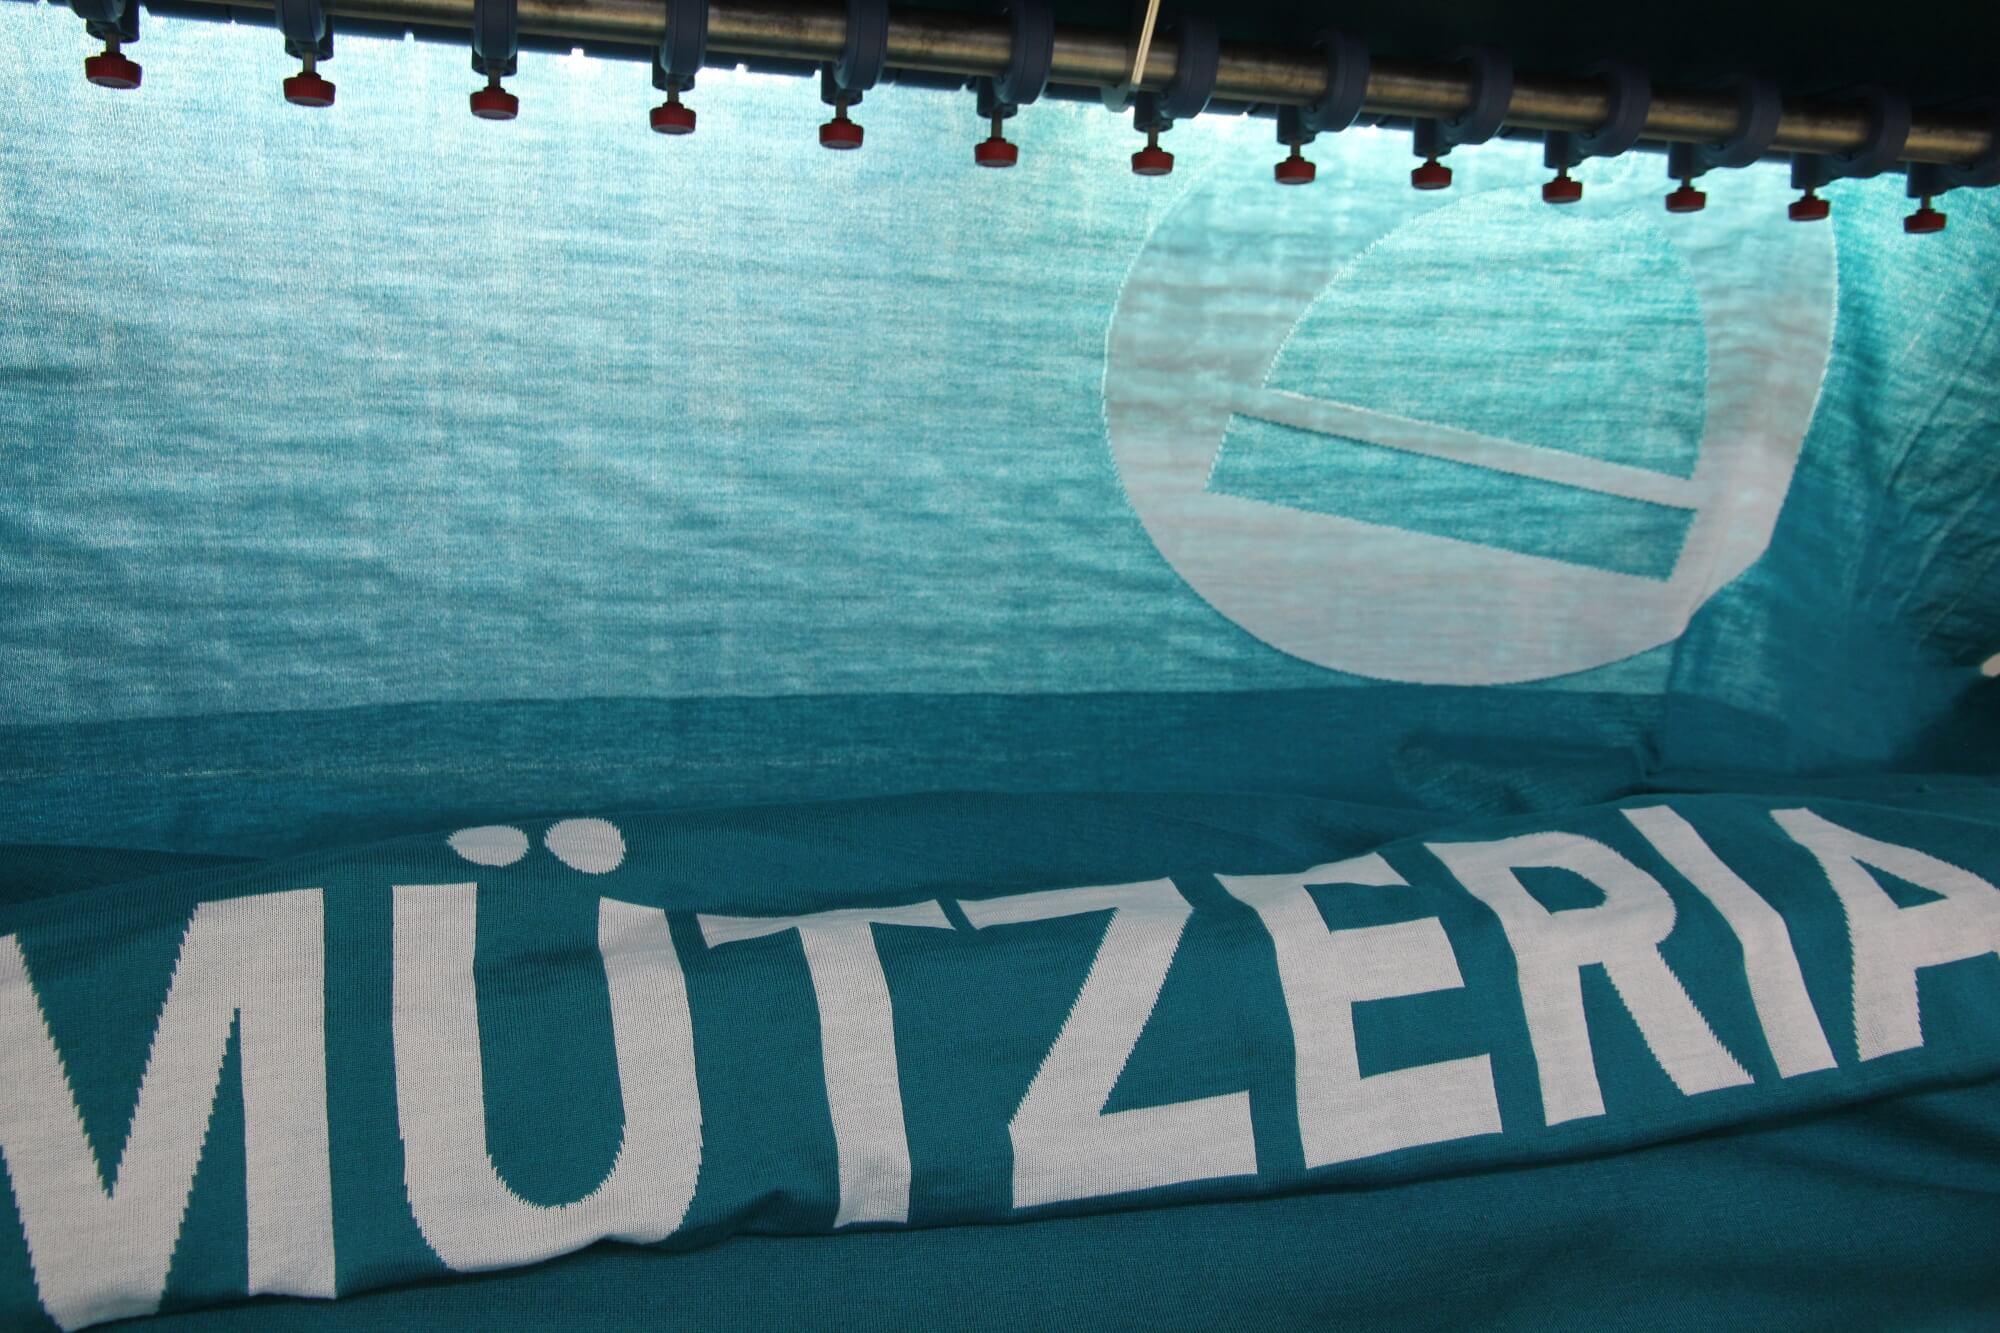 Das MÜTZERIA-Logo in der Strickmaschine